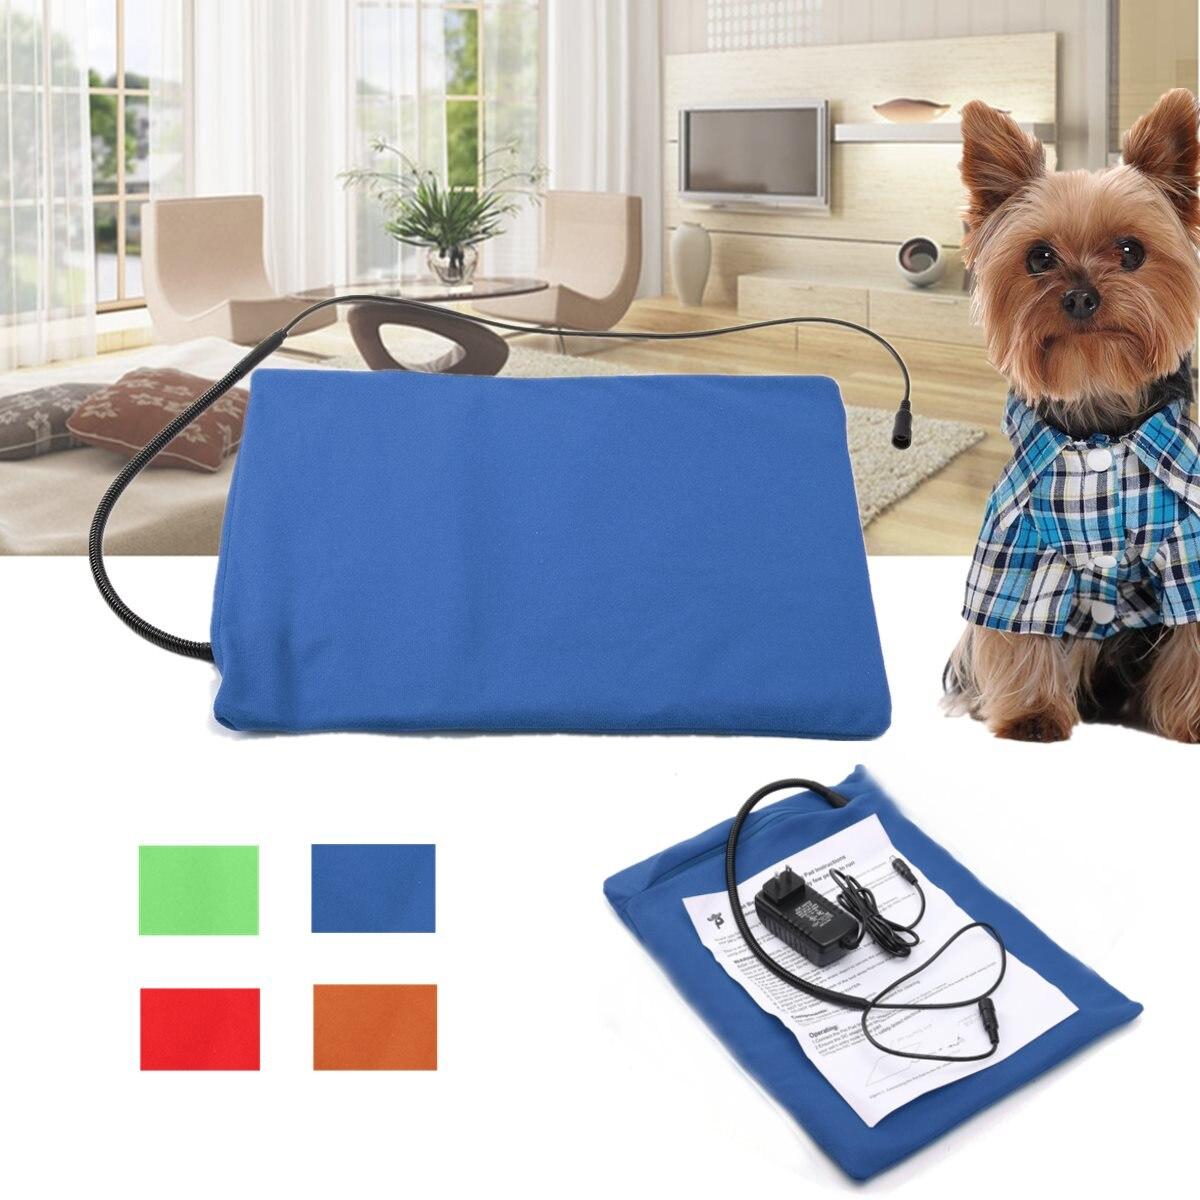 4 Colori Household Riscaldamento Pet Pad Cane Gatto Rilievo di Riscaldamento Elettrico Impermeabile Regolabile Riscaldamento Invernale Mat Per Cucciolo Gattino